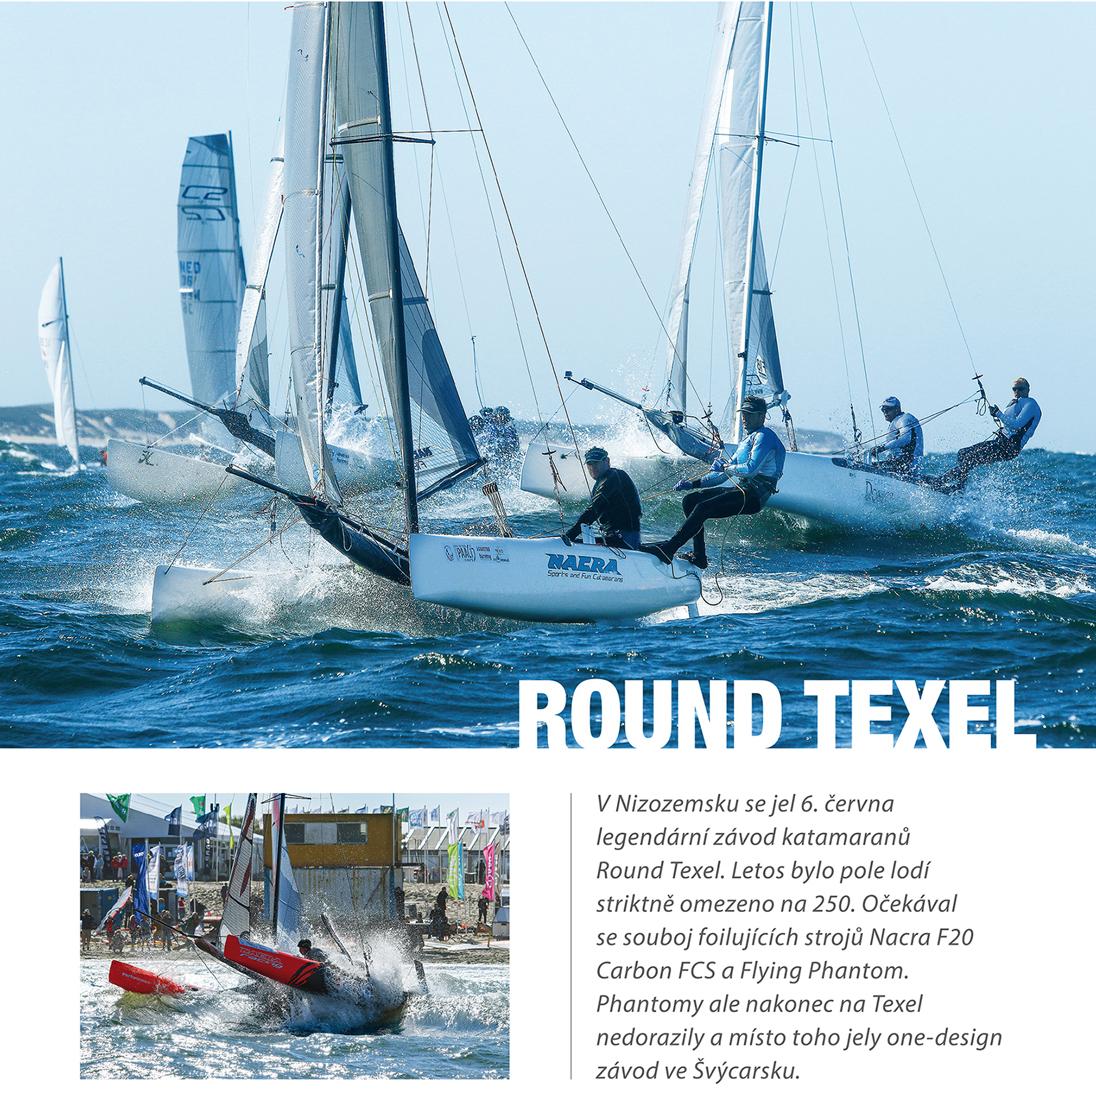 Round Texel 2015, Yacht Magazine 7-8 2015 CZ